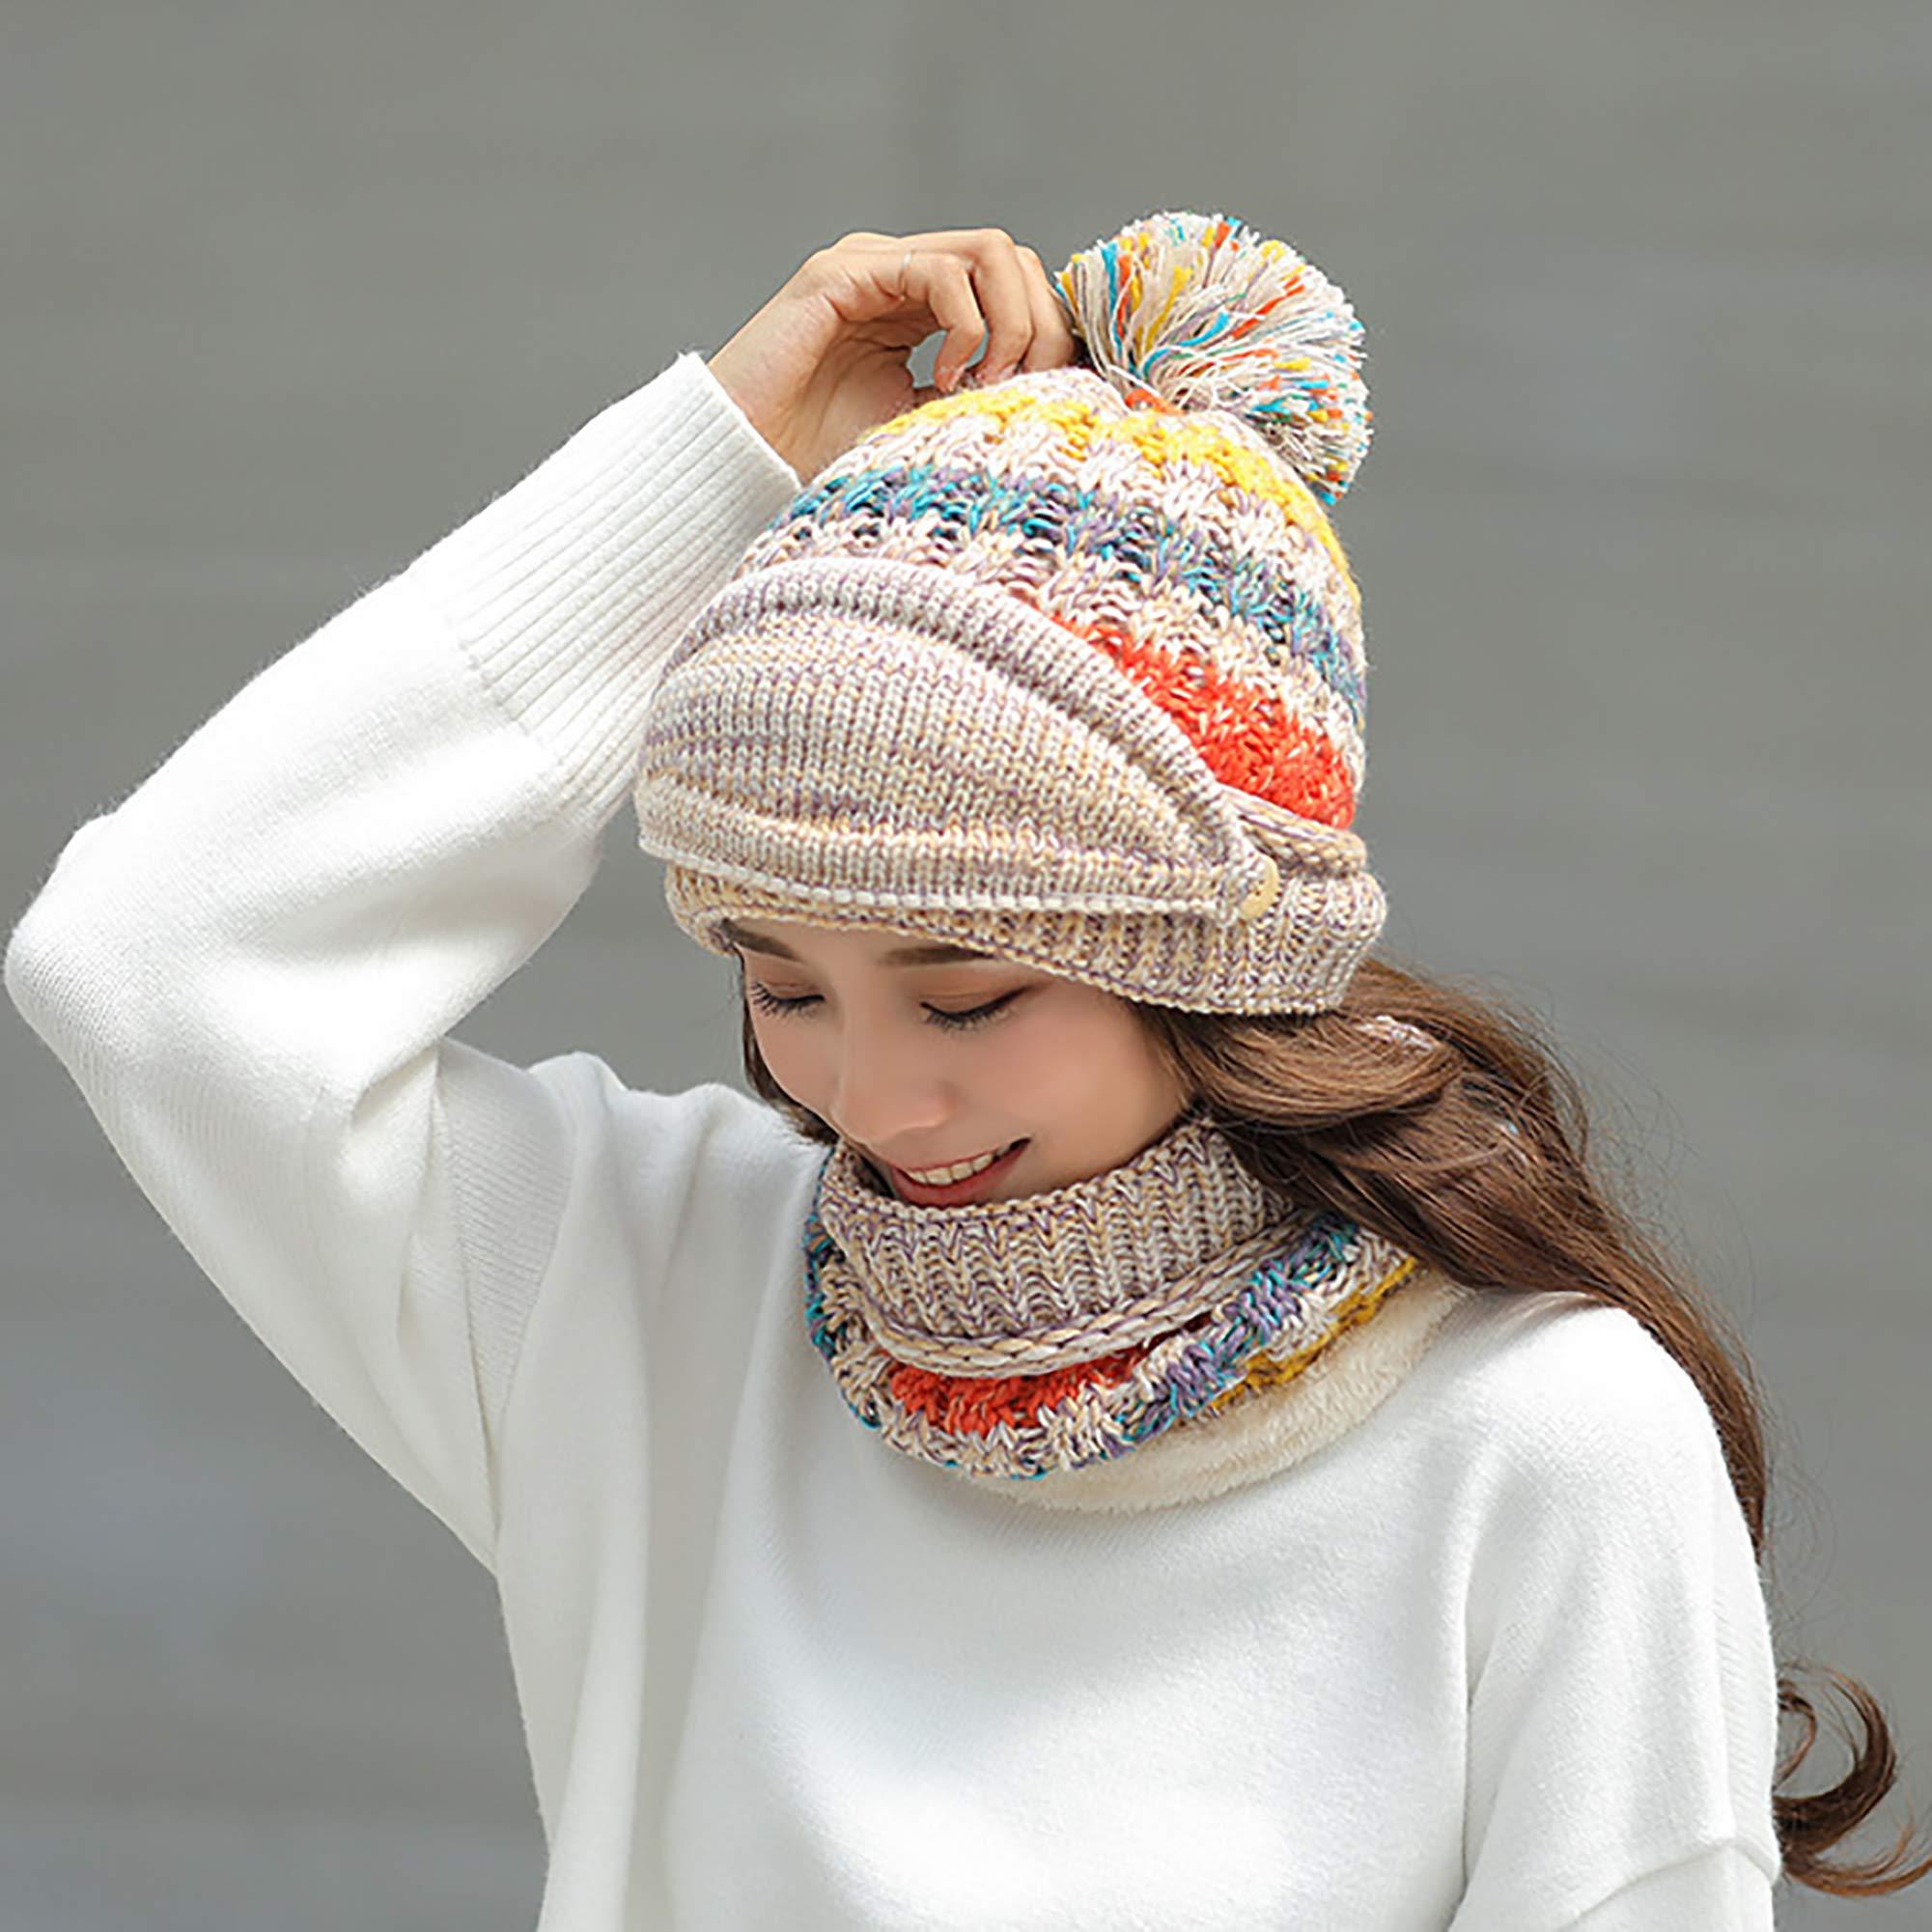 955666ba2 FANZERO Womens Girls Knit Beanie Scarf Mask Set Soft Warm Fleece Lined  Winter Ski Hat with Pompom